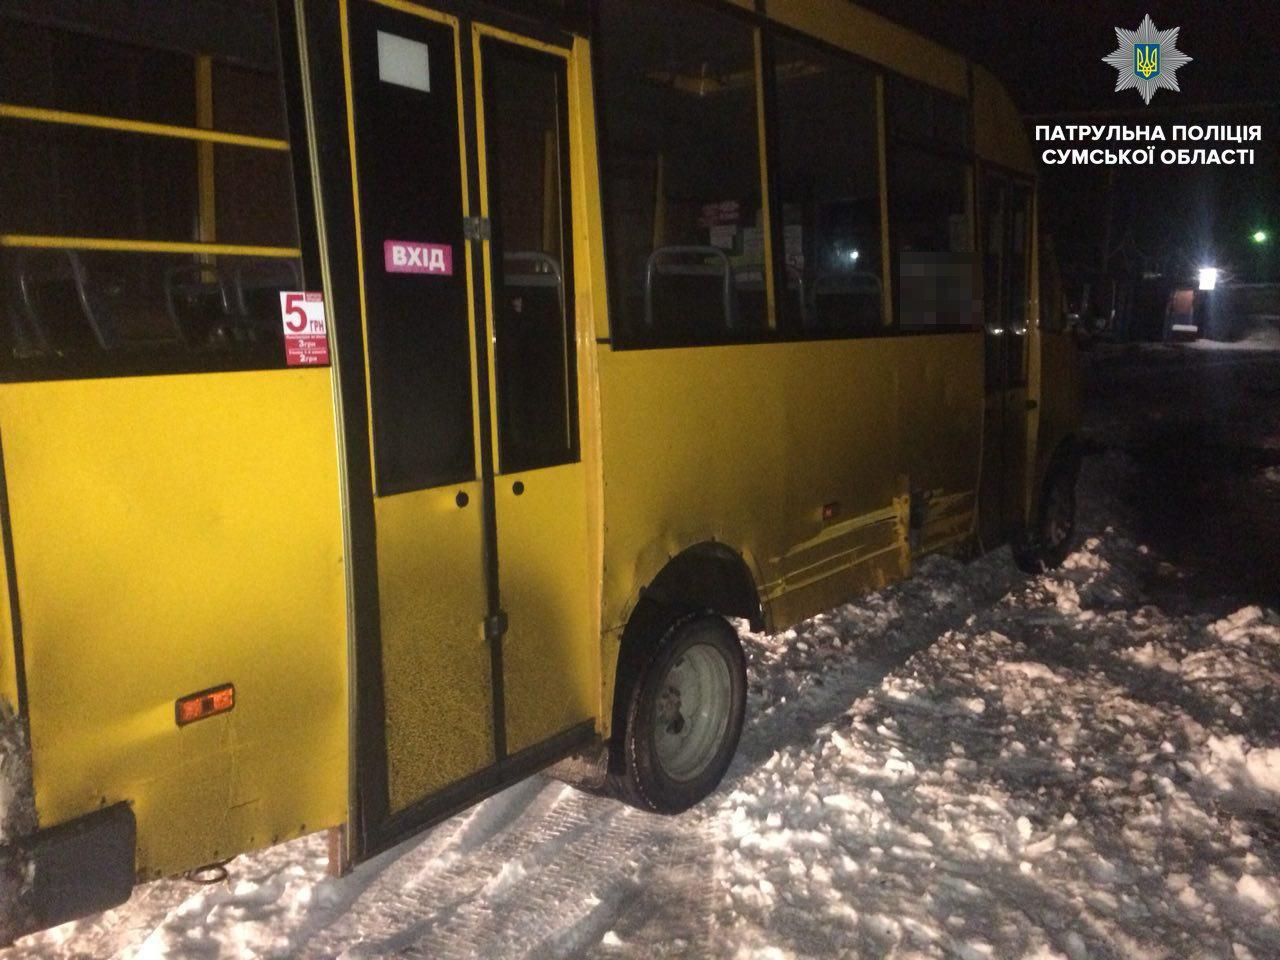 В Сумах водитель Руты совершил ДТП и скрылся , фото-3